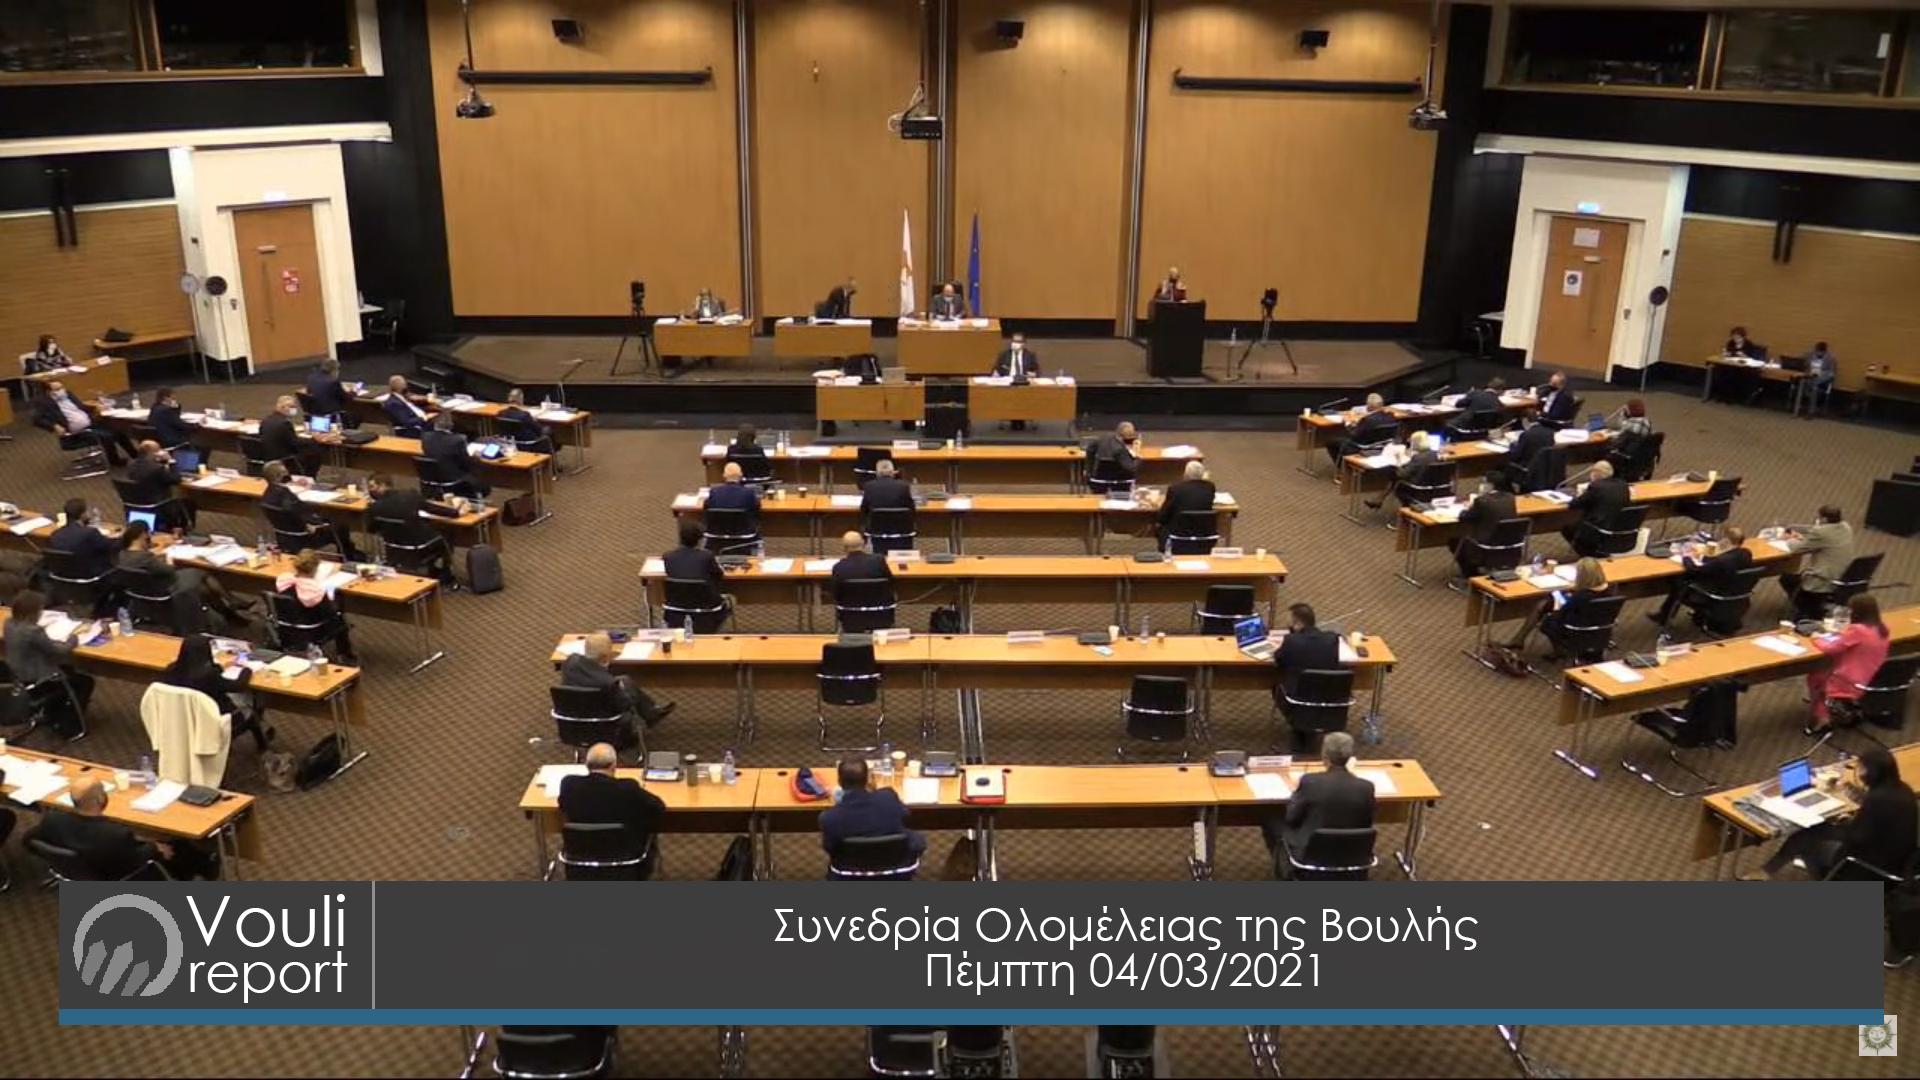 Συνεδρία Ολομέλειας της Βουλής - 04/03/2021